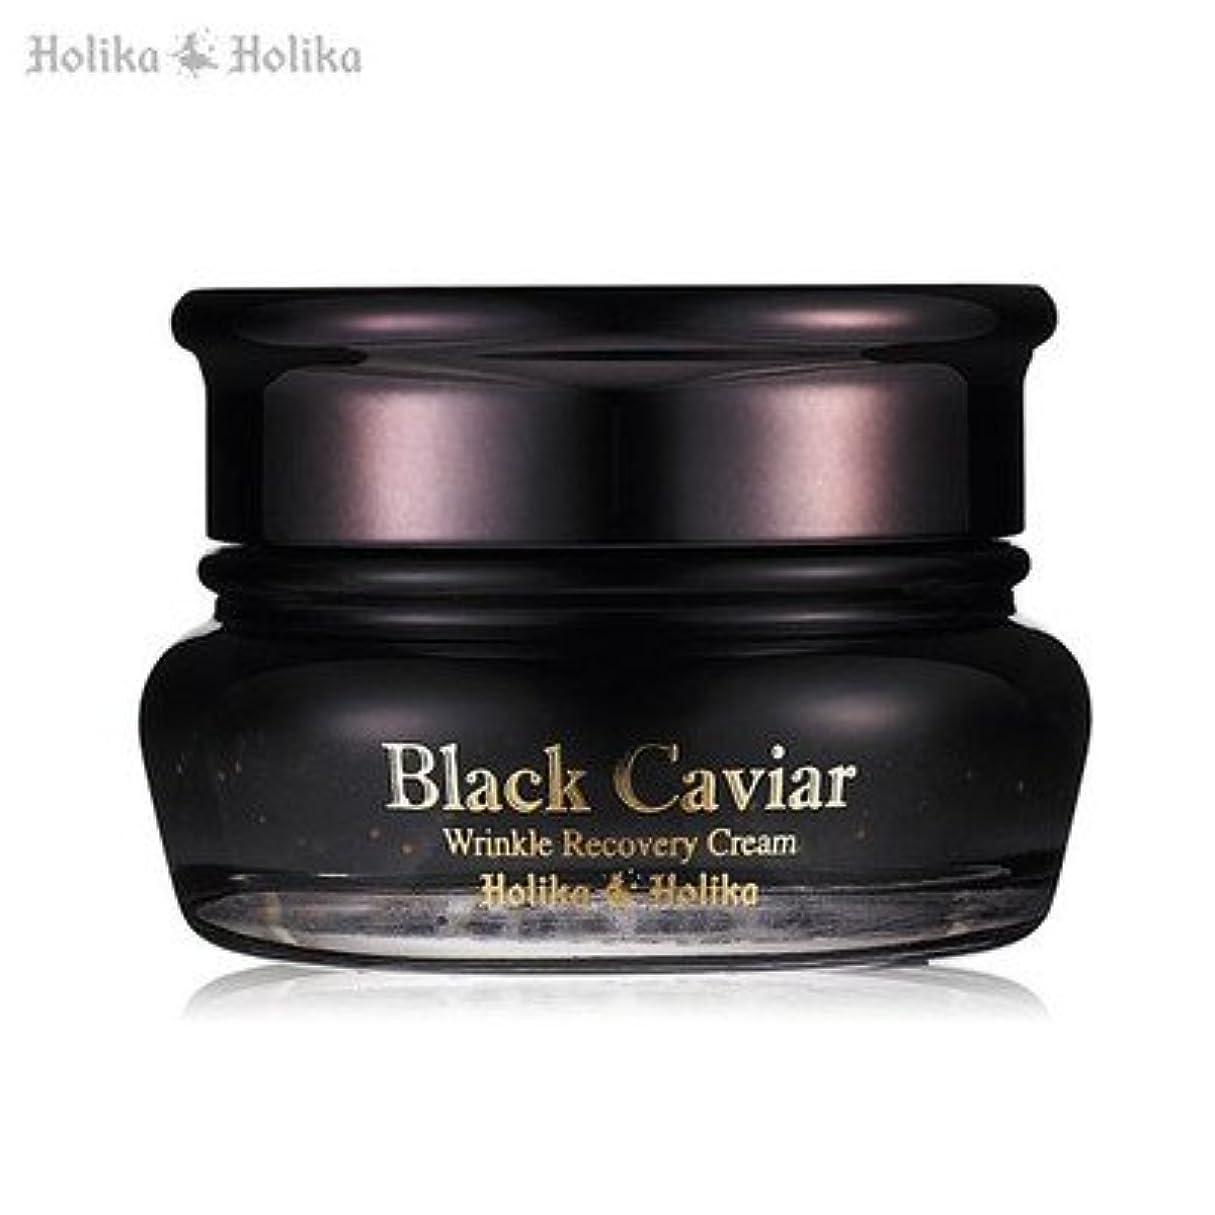 インポート資料剛性HolikaHolika(ホリカホリカ) ブラックキャビア リンクル リカバリー クリーム 50ml